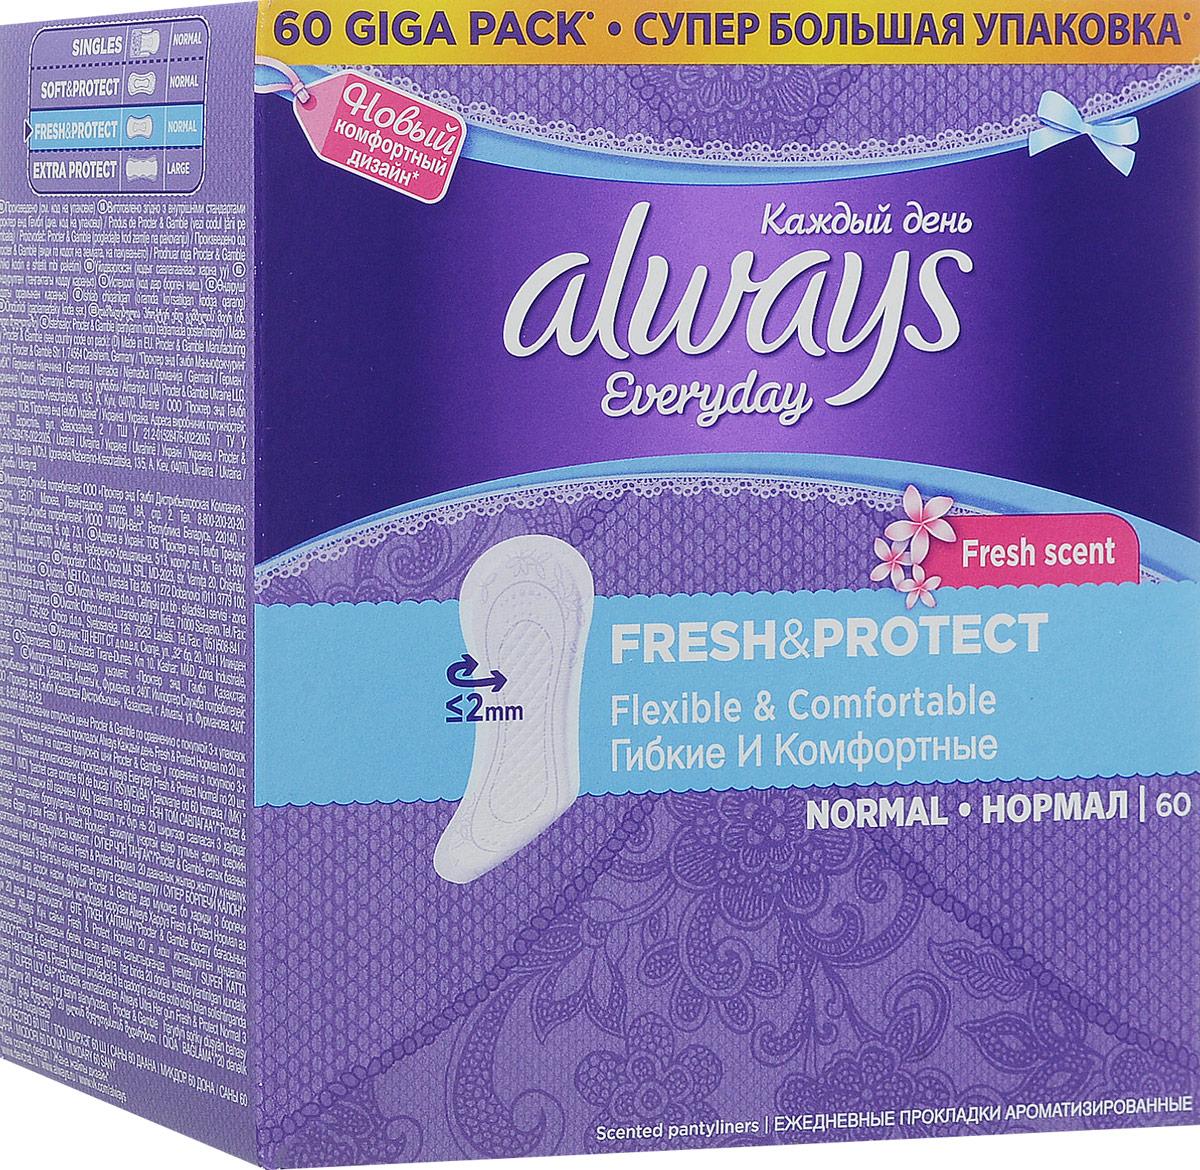 Always Ежедневные гигиенические прокладки Каждый день нормал Fresh & Protect, 60 шт